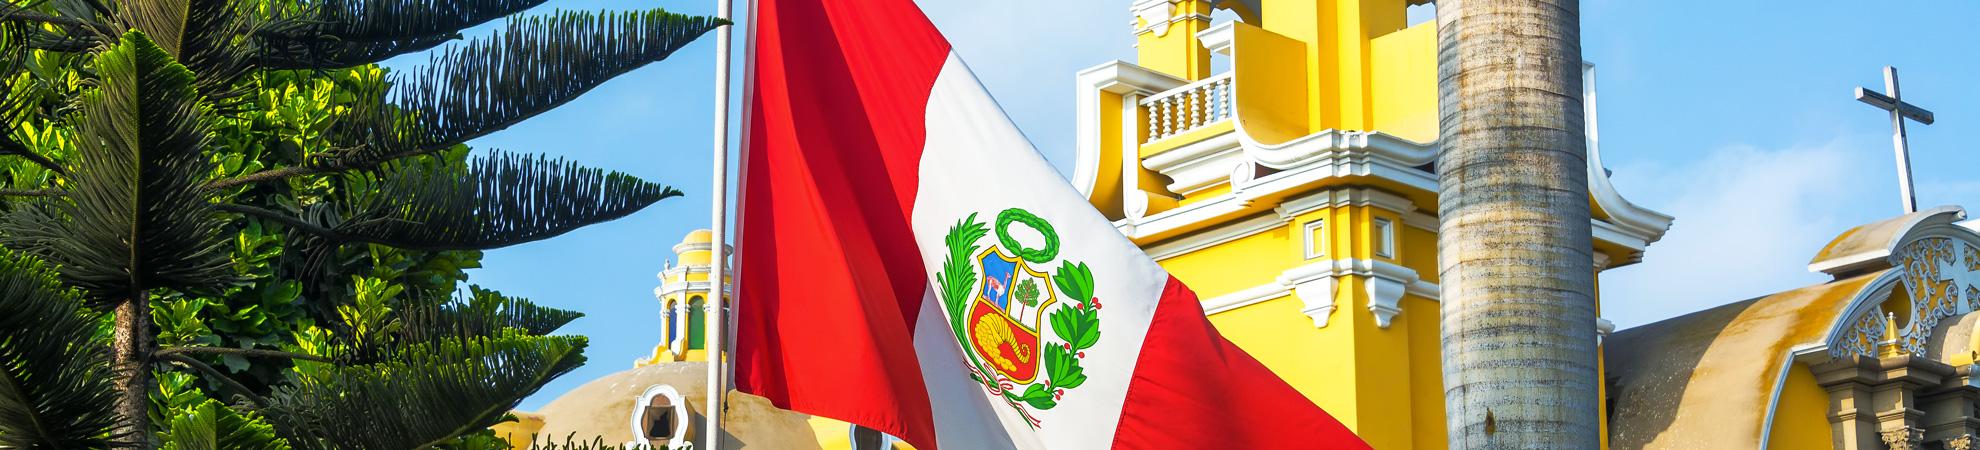 Comment bien se comporter à l'arrivée au Pérou ?